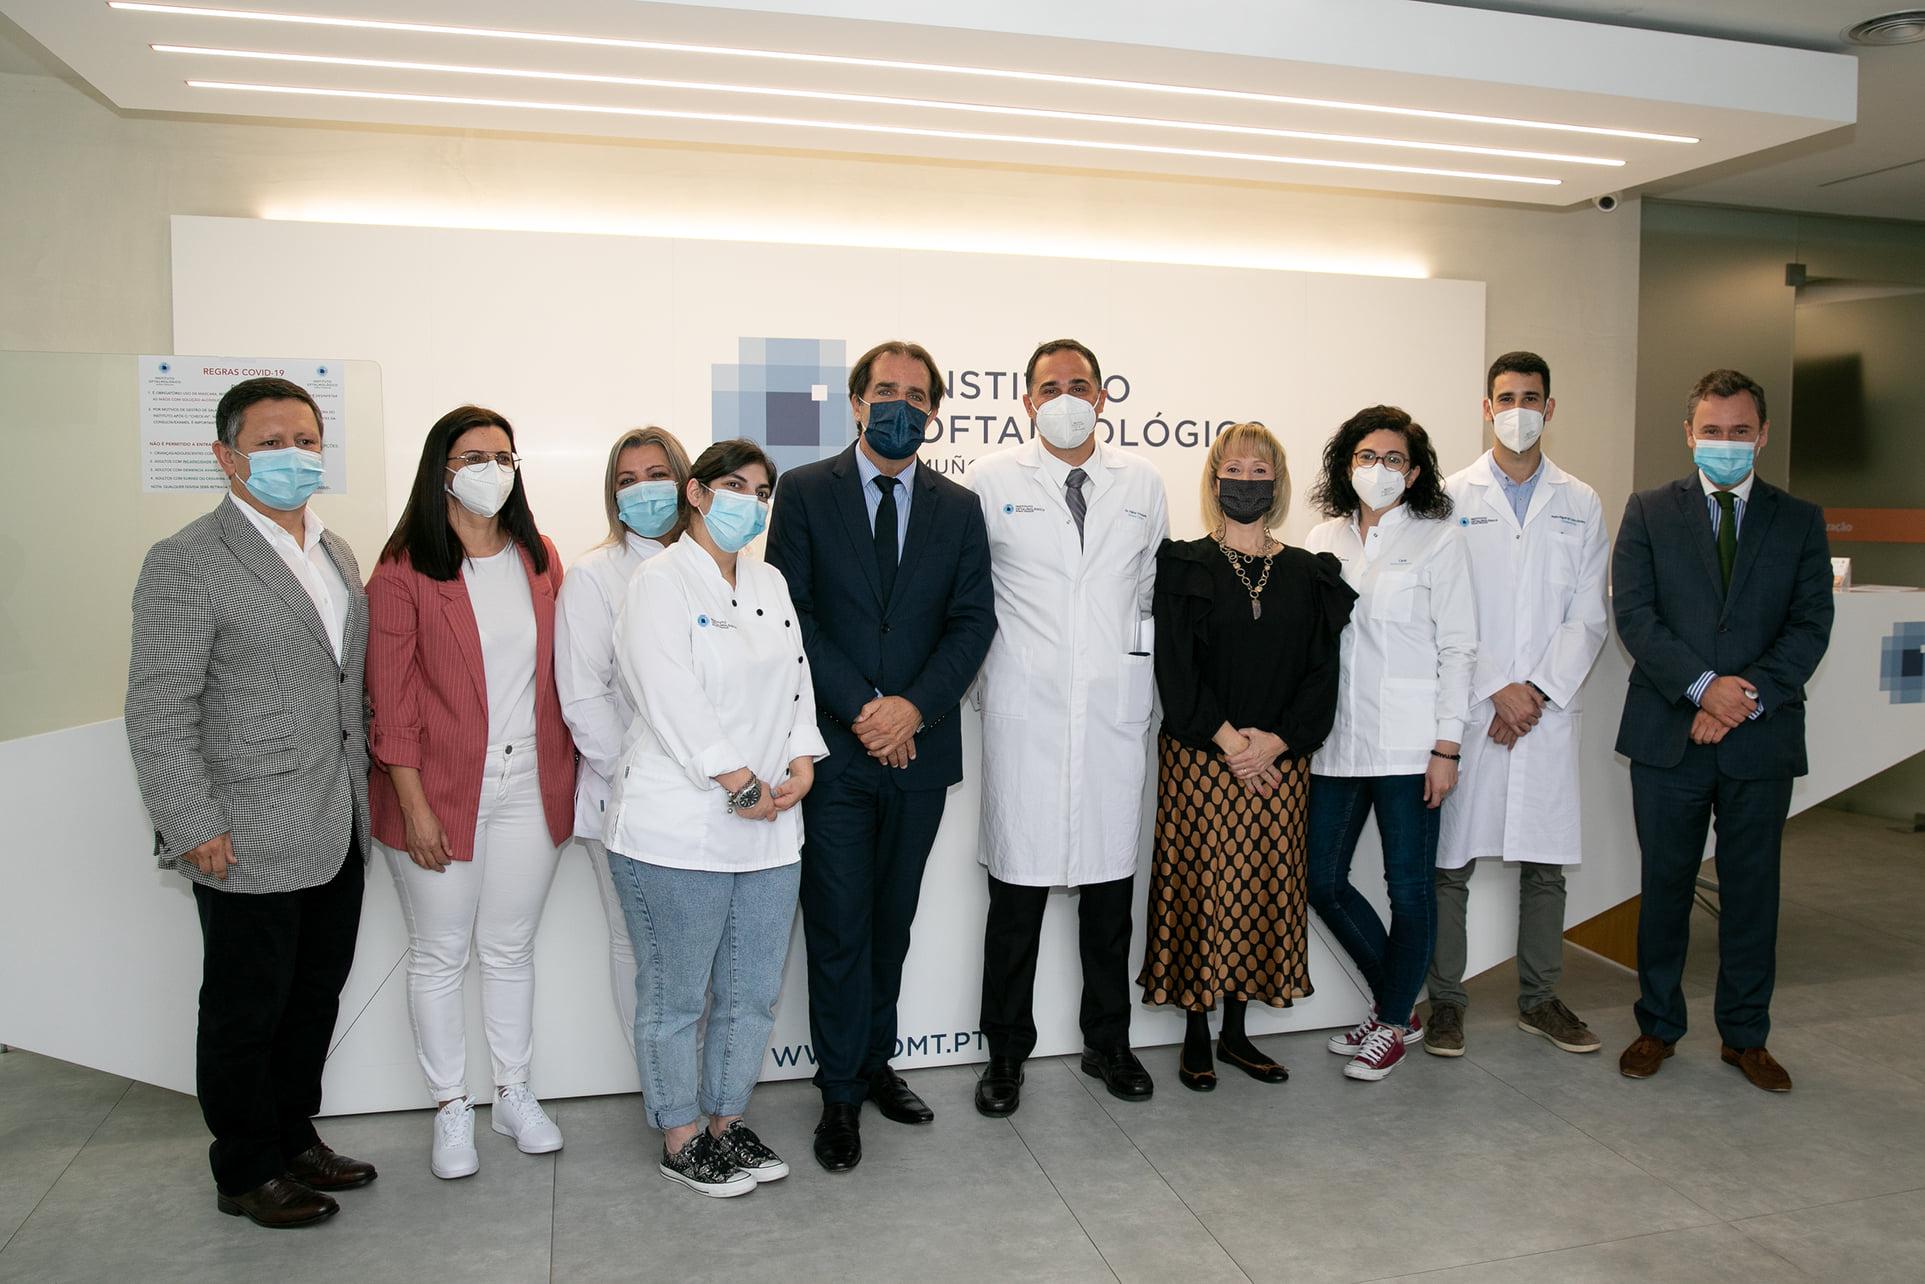 Imagem da notícia: Instituto Oftalmológico Muñoz Trindade recebe Miguel Albuquerque e Rui Barreto